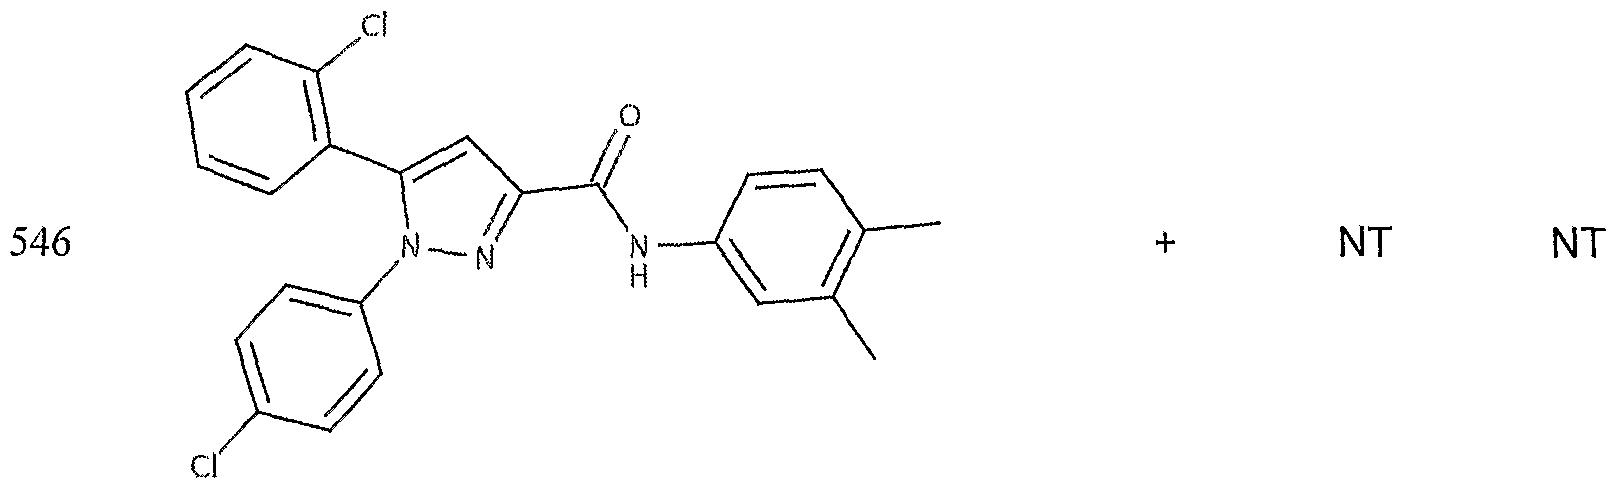 Figure imgf000212_0003